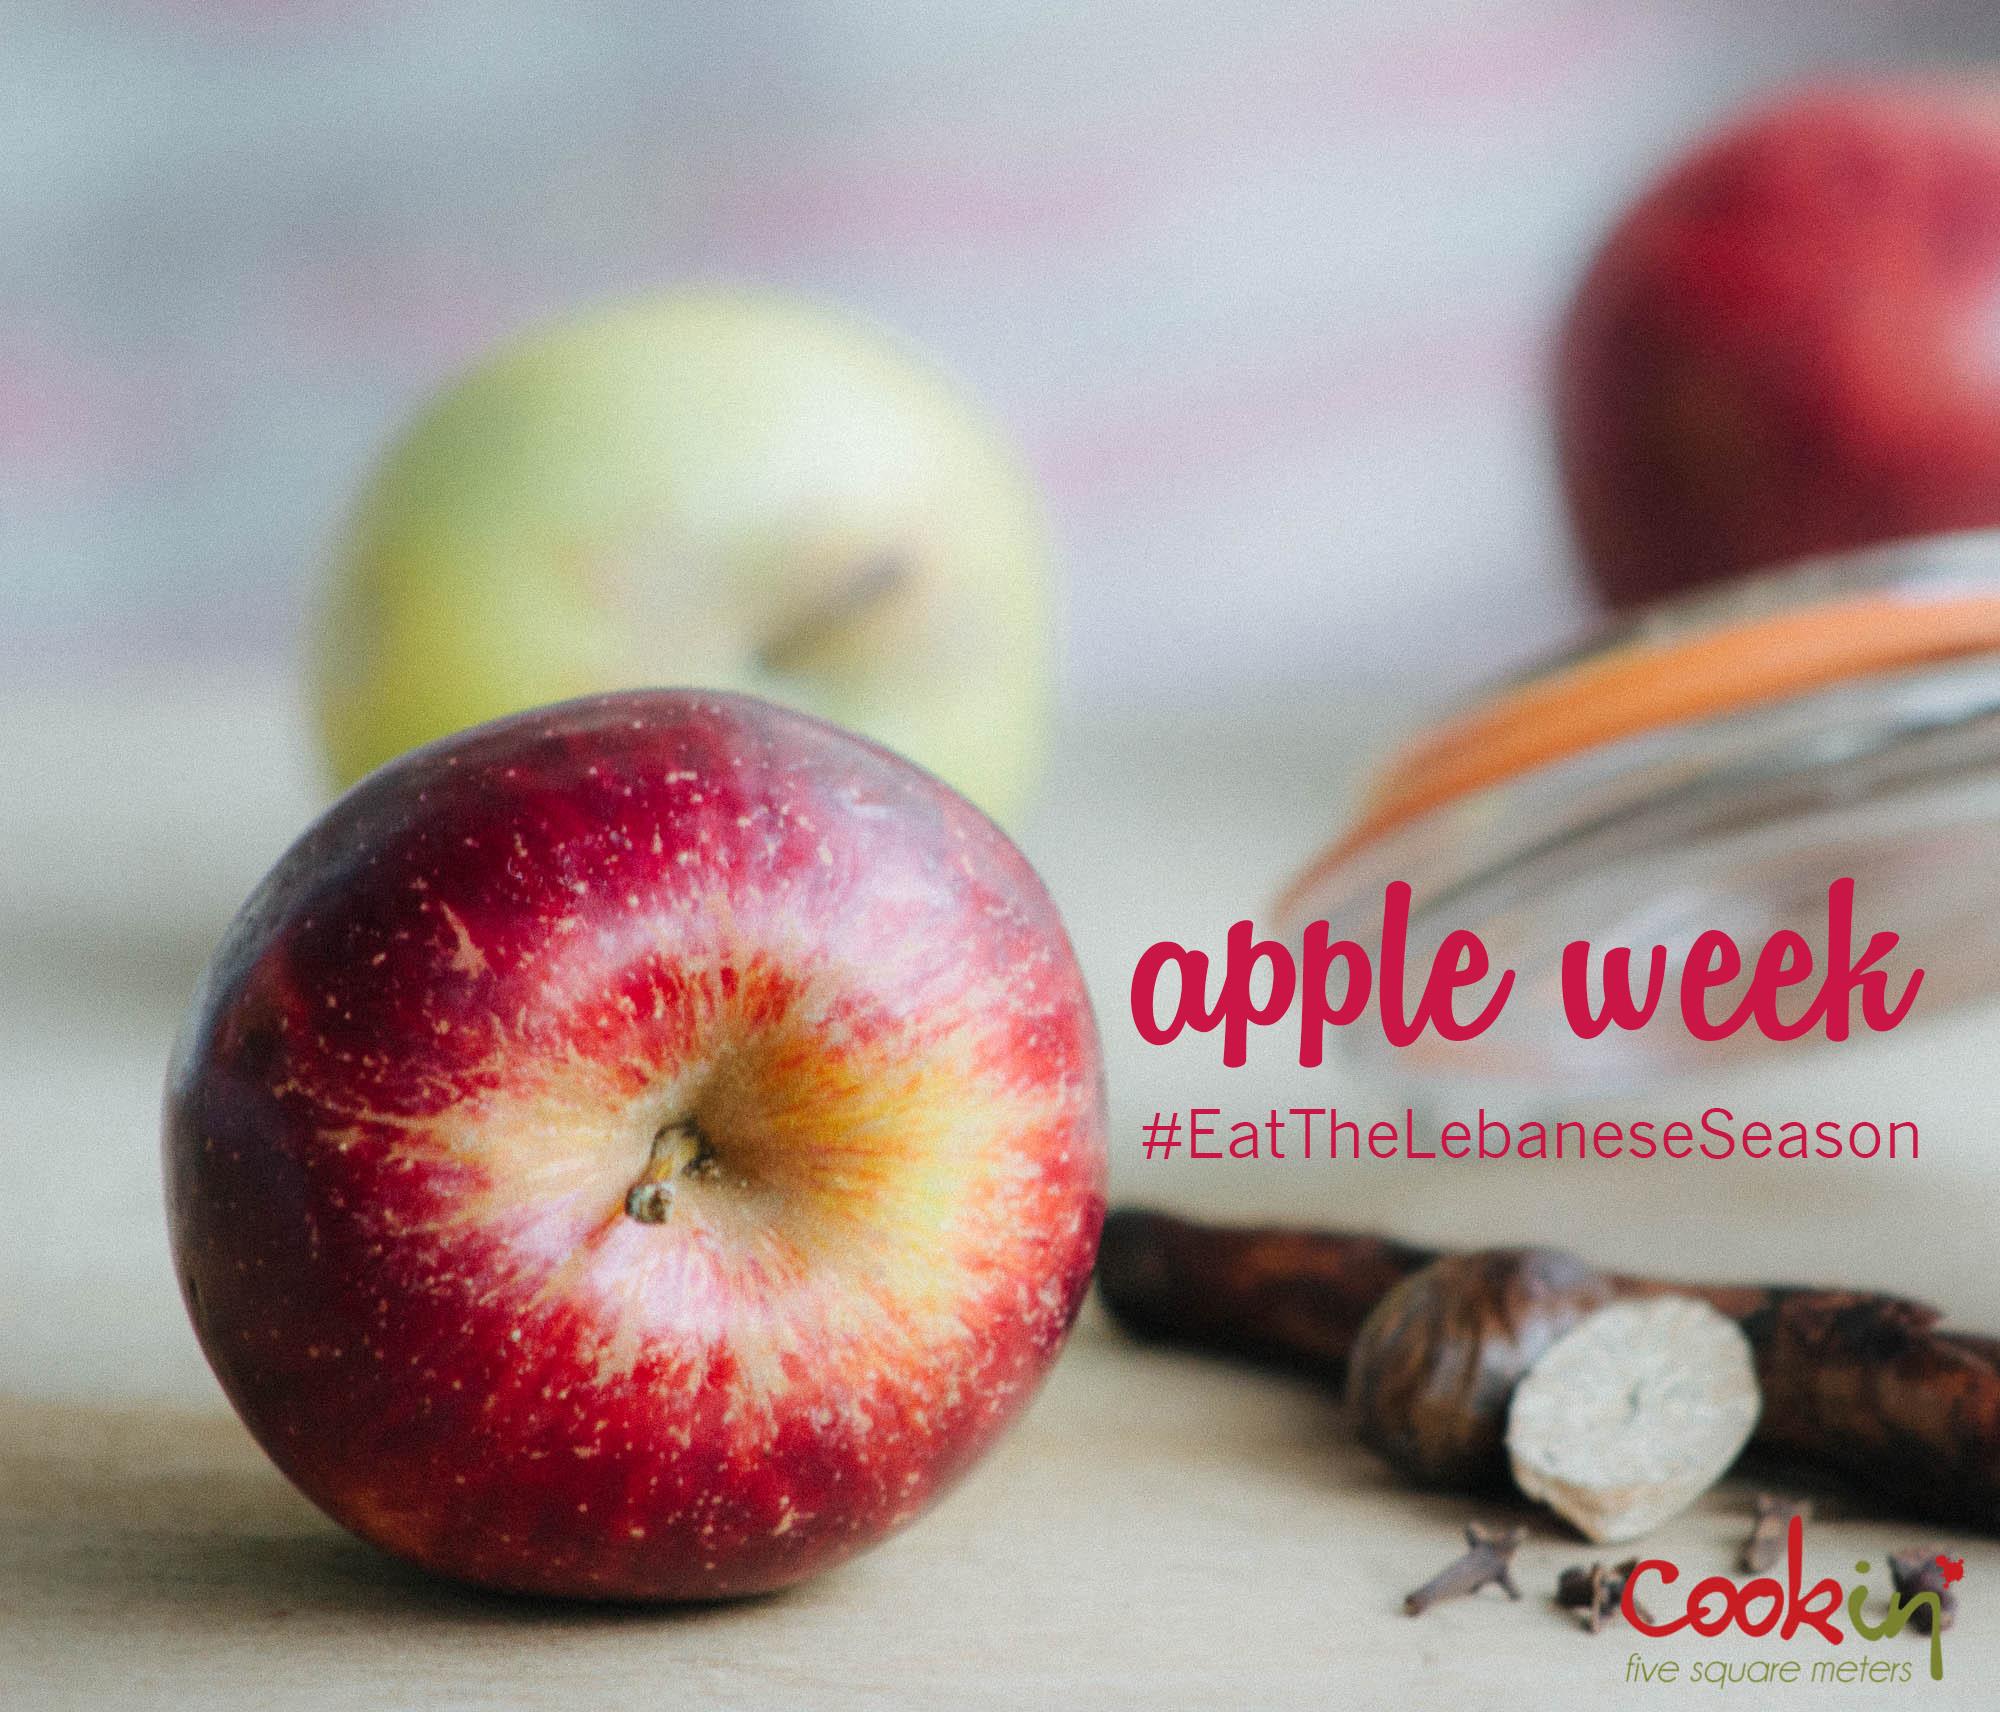 Apple WEEK - cookin5m2.jpg